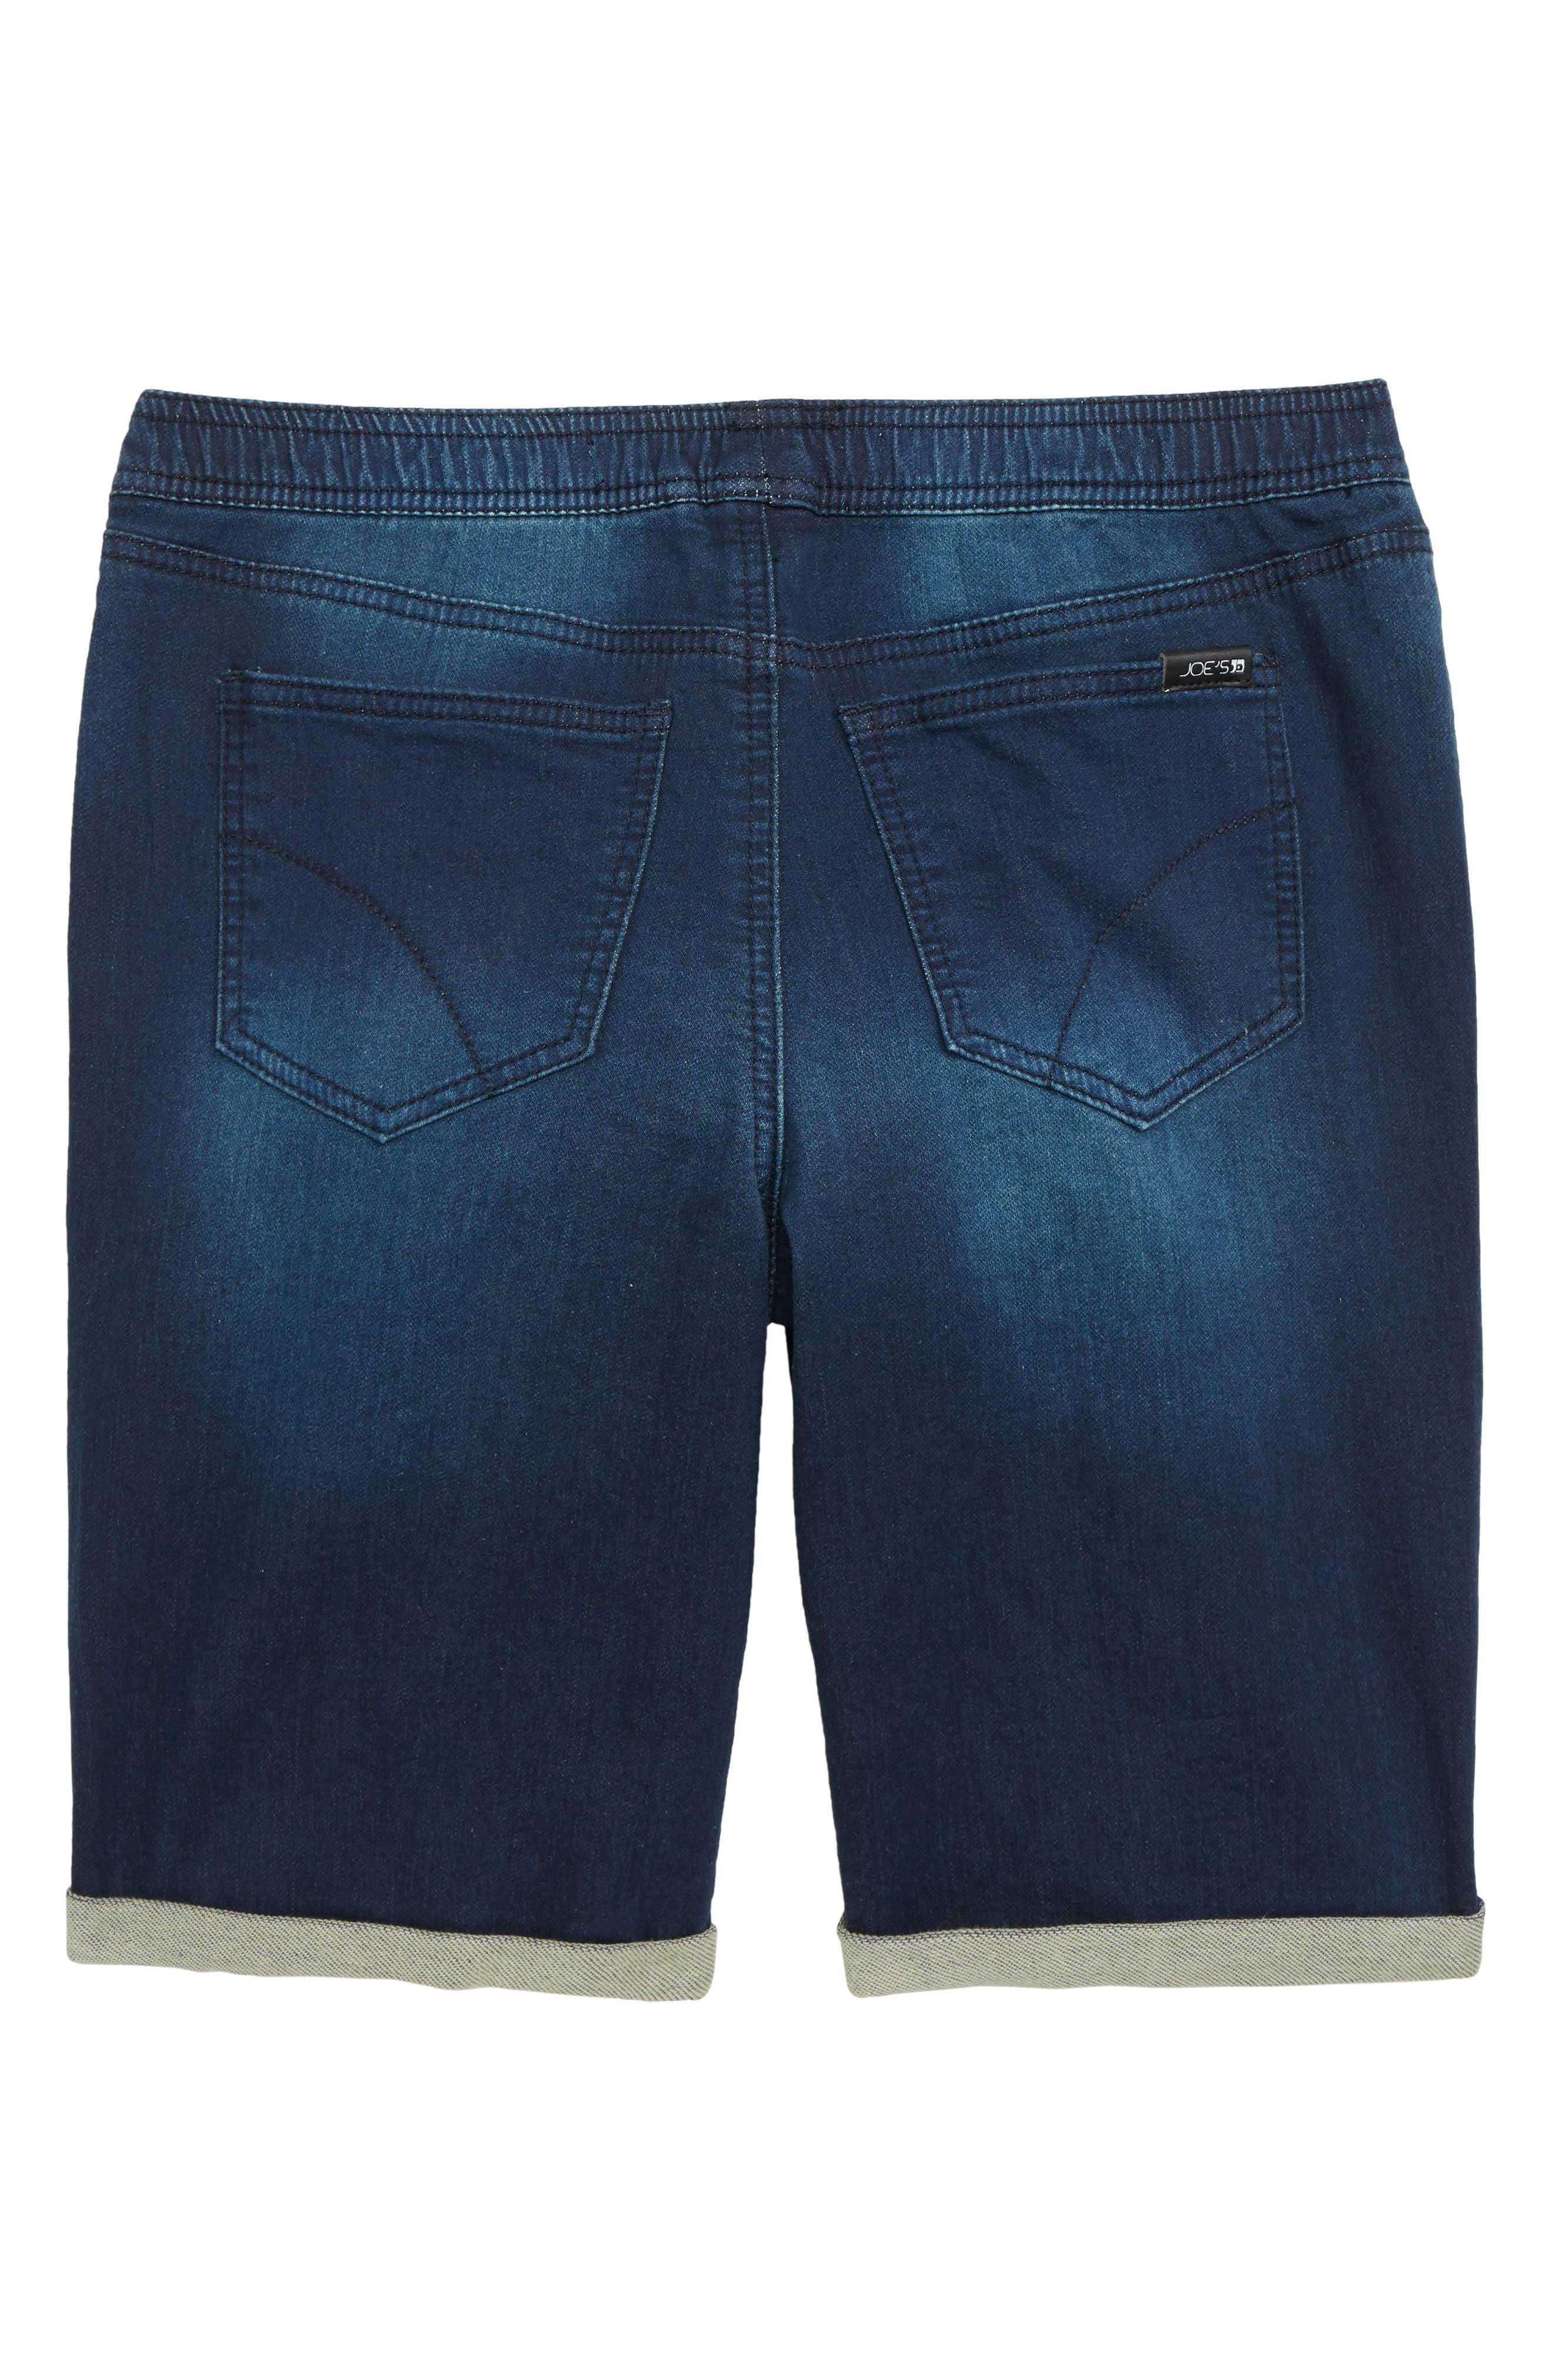 Denim Jogger Shorts,                             Alternate thumbnail 2, color,                             NILE WASH